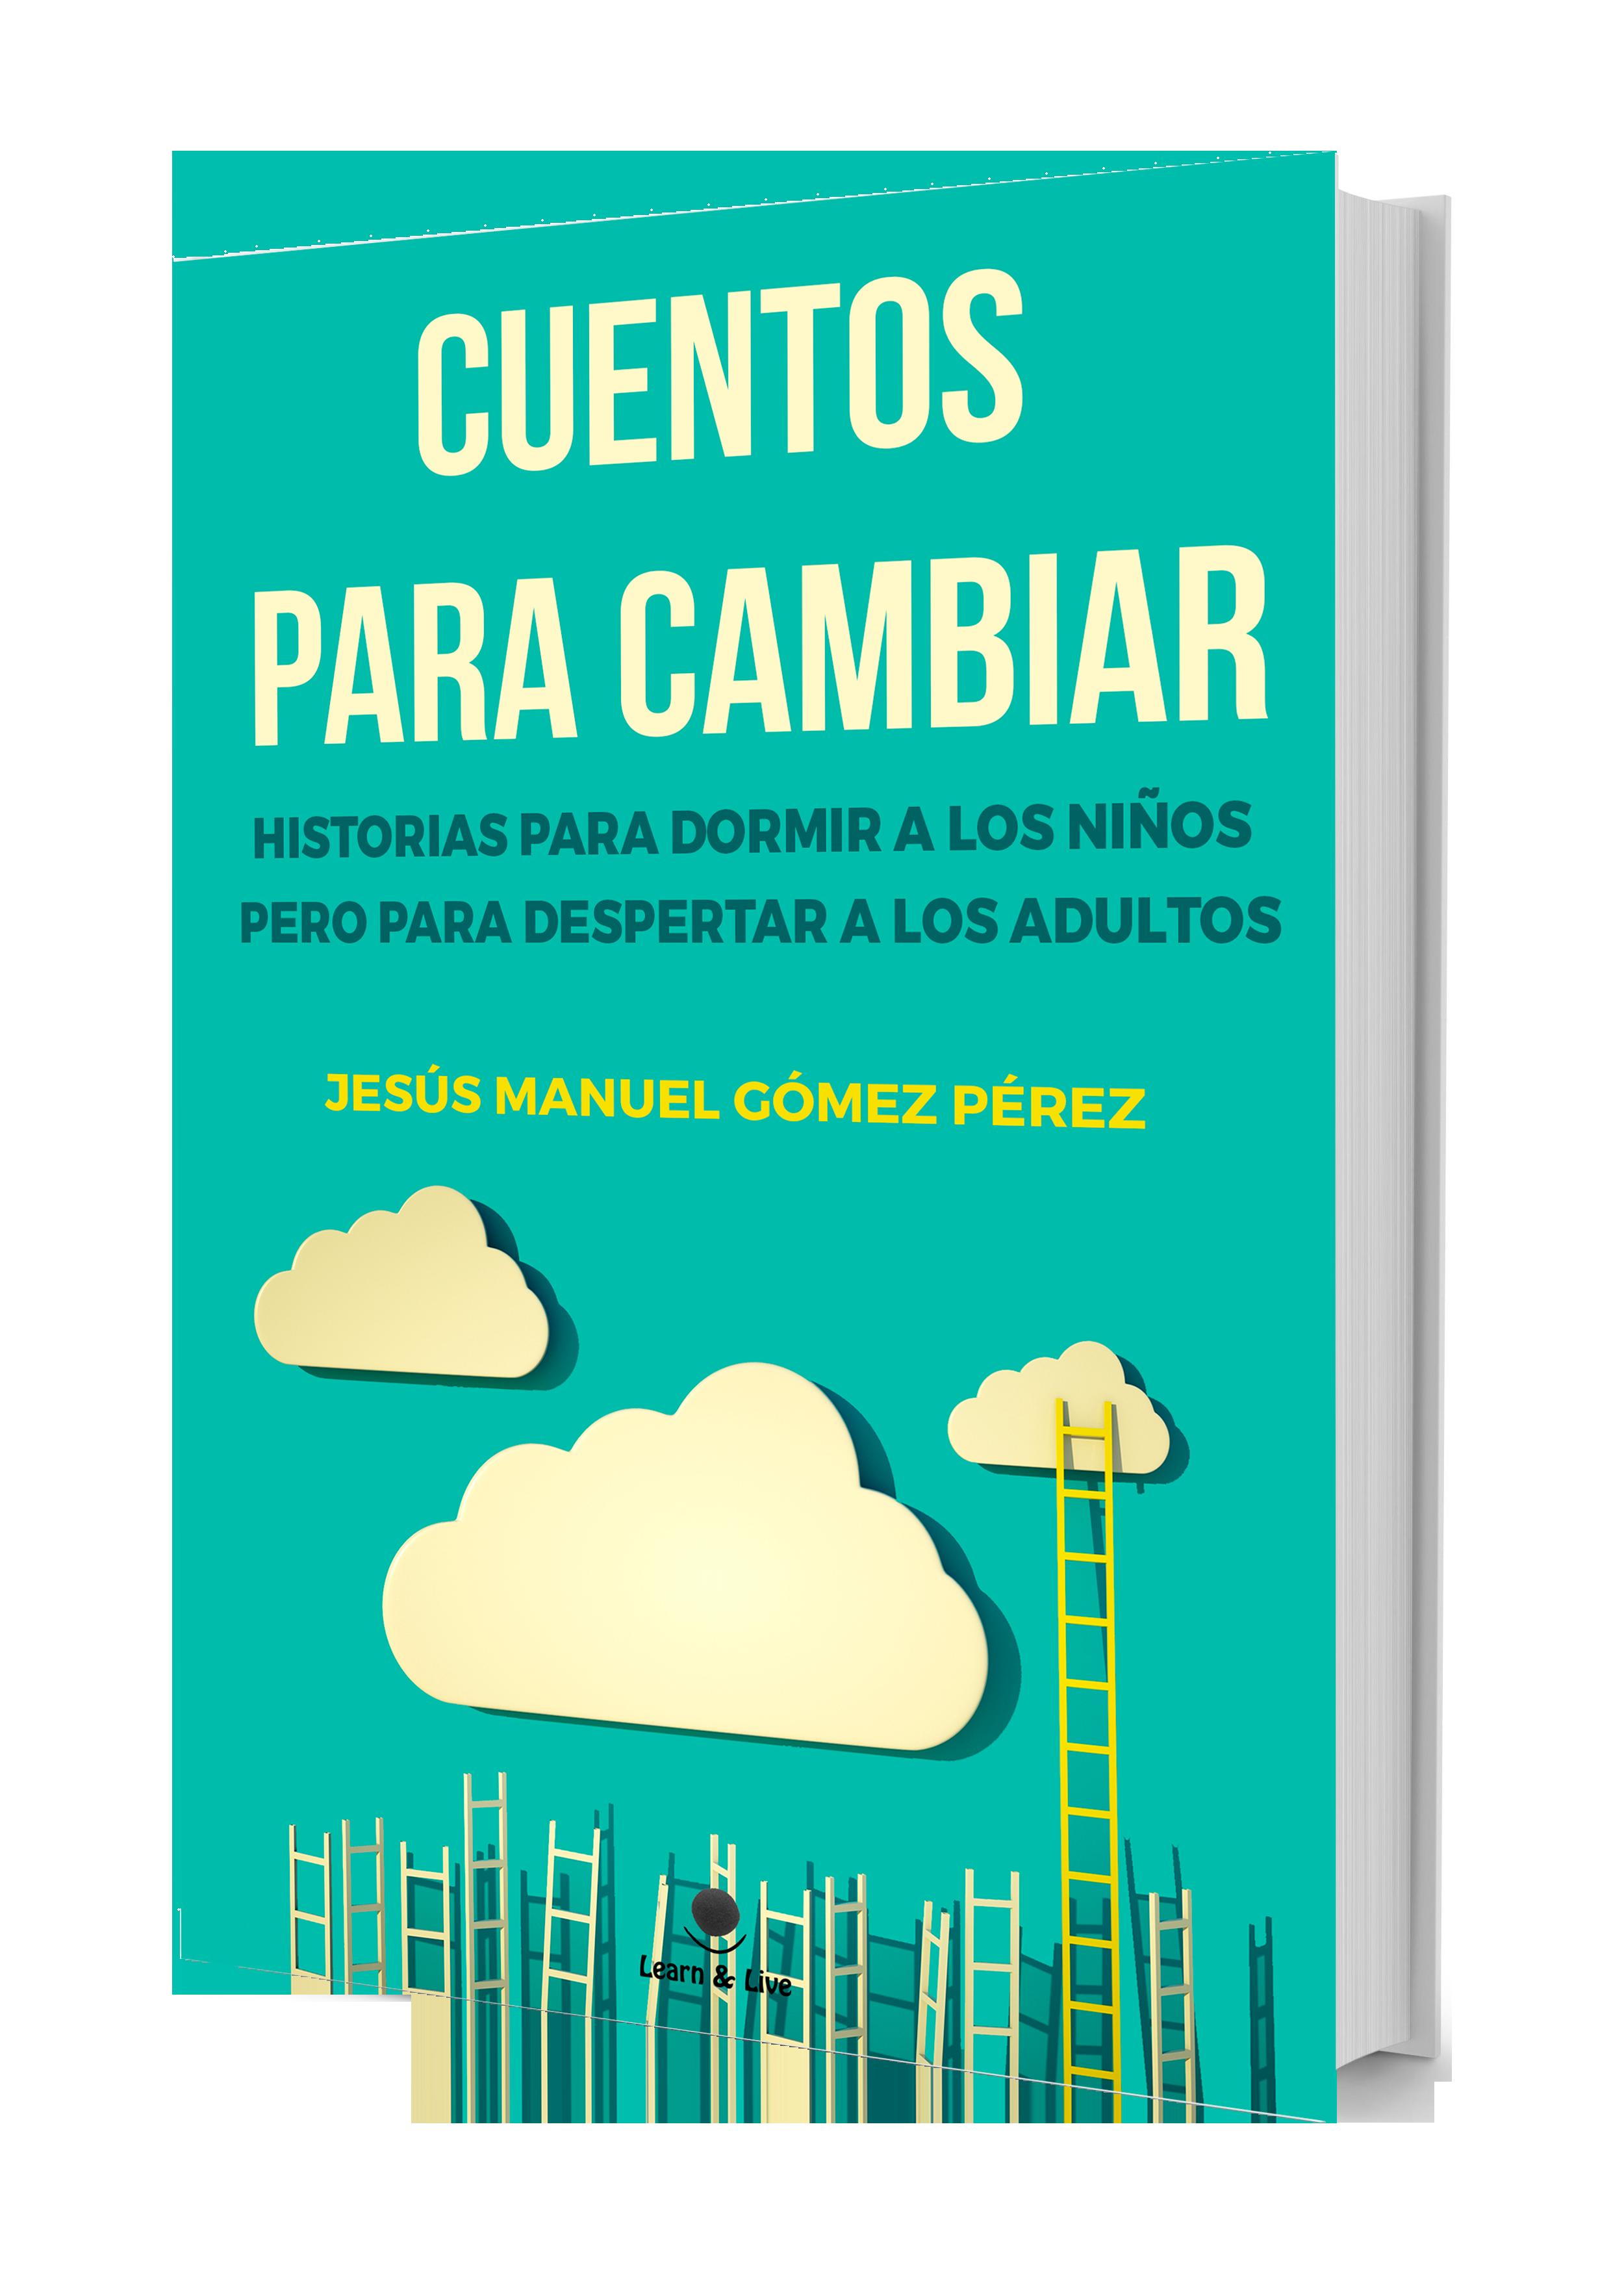 Libro Cuentos para cambiar_Jesus Manuel Gomez Perez